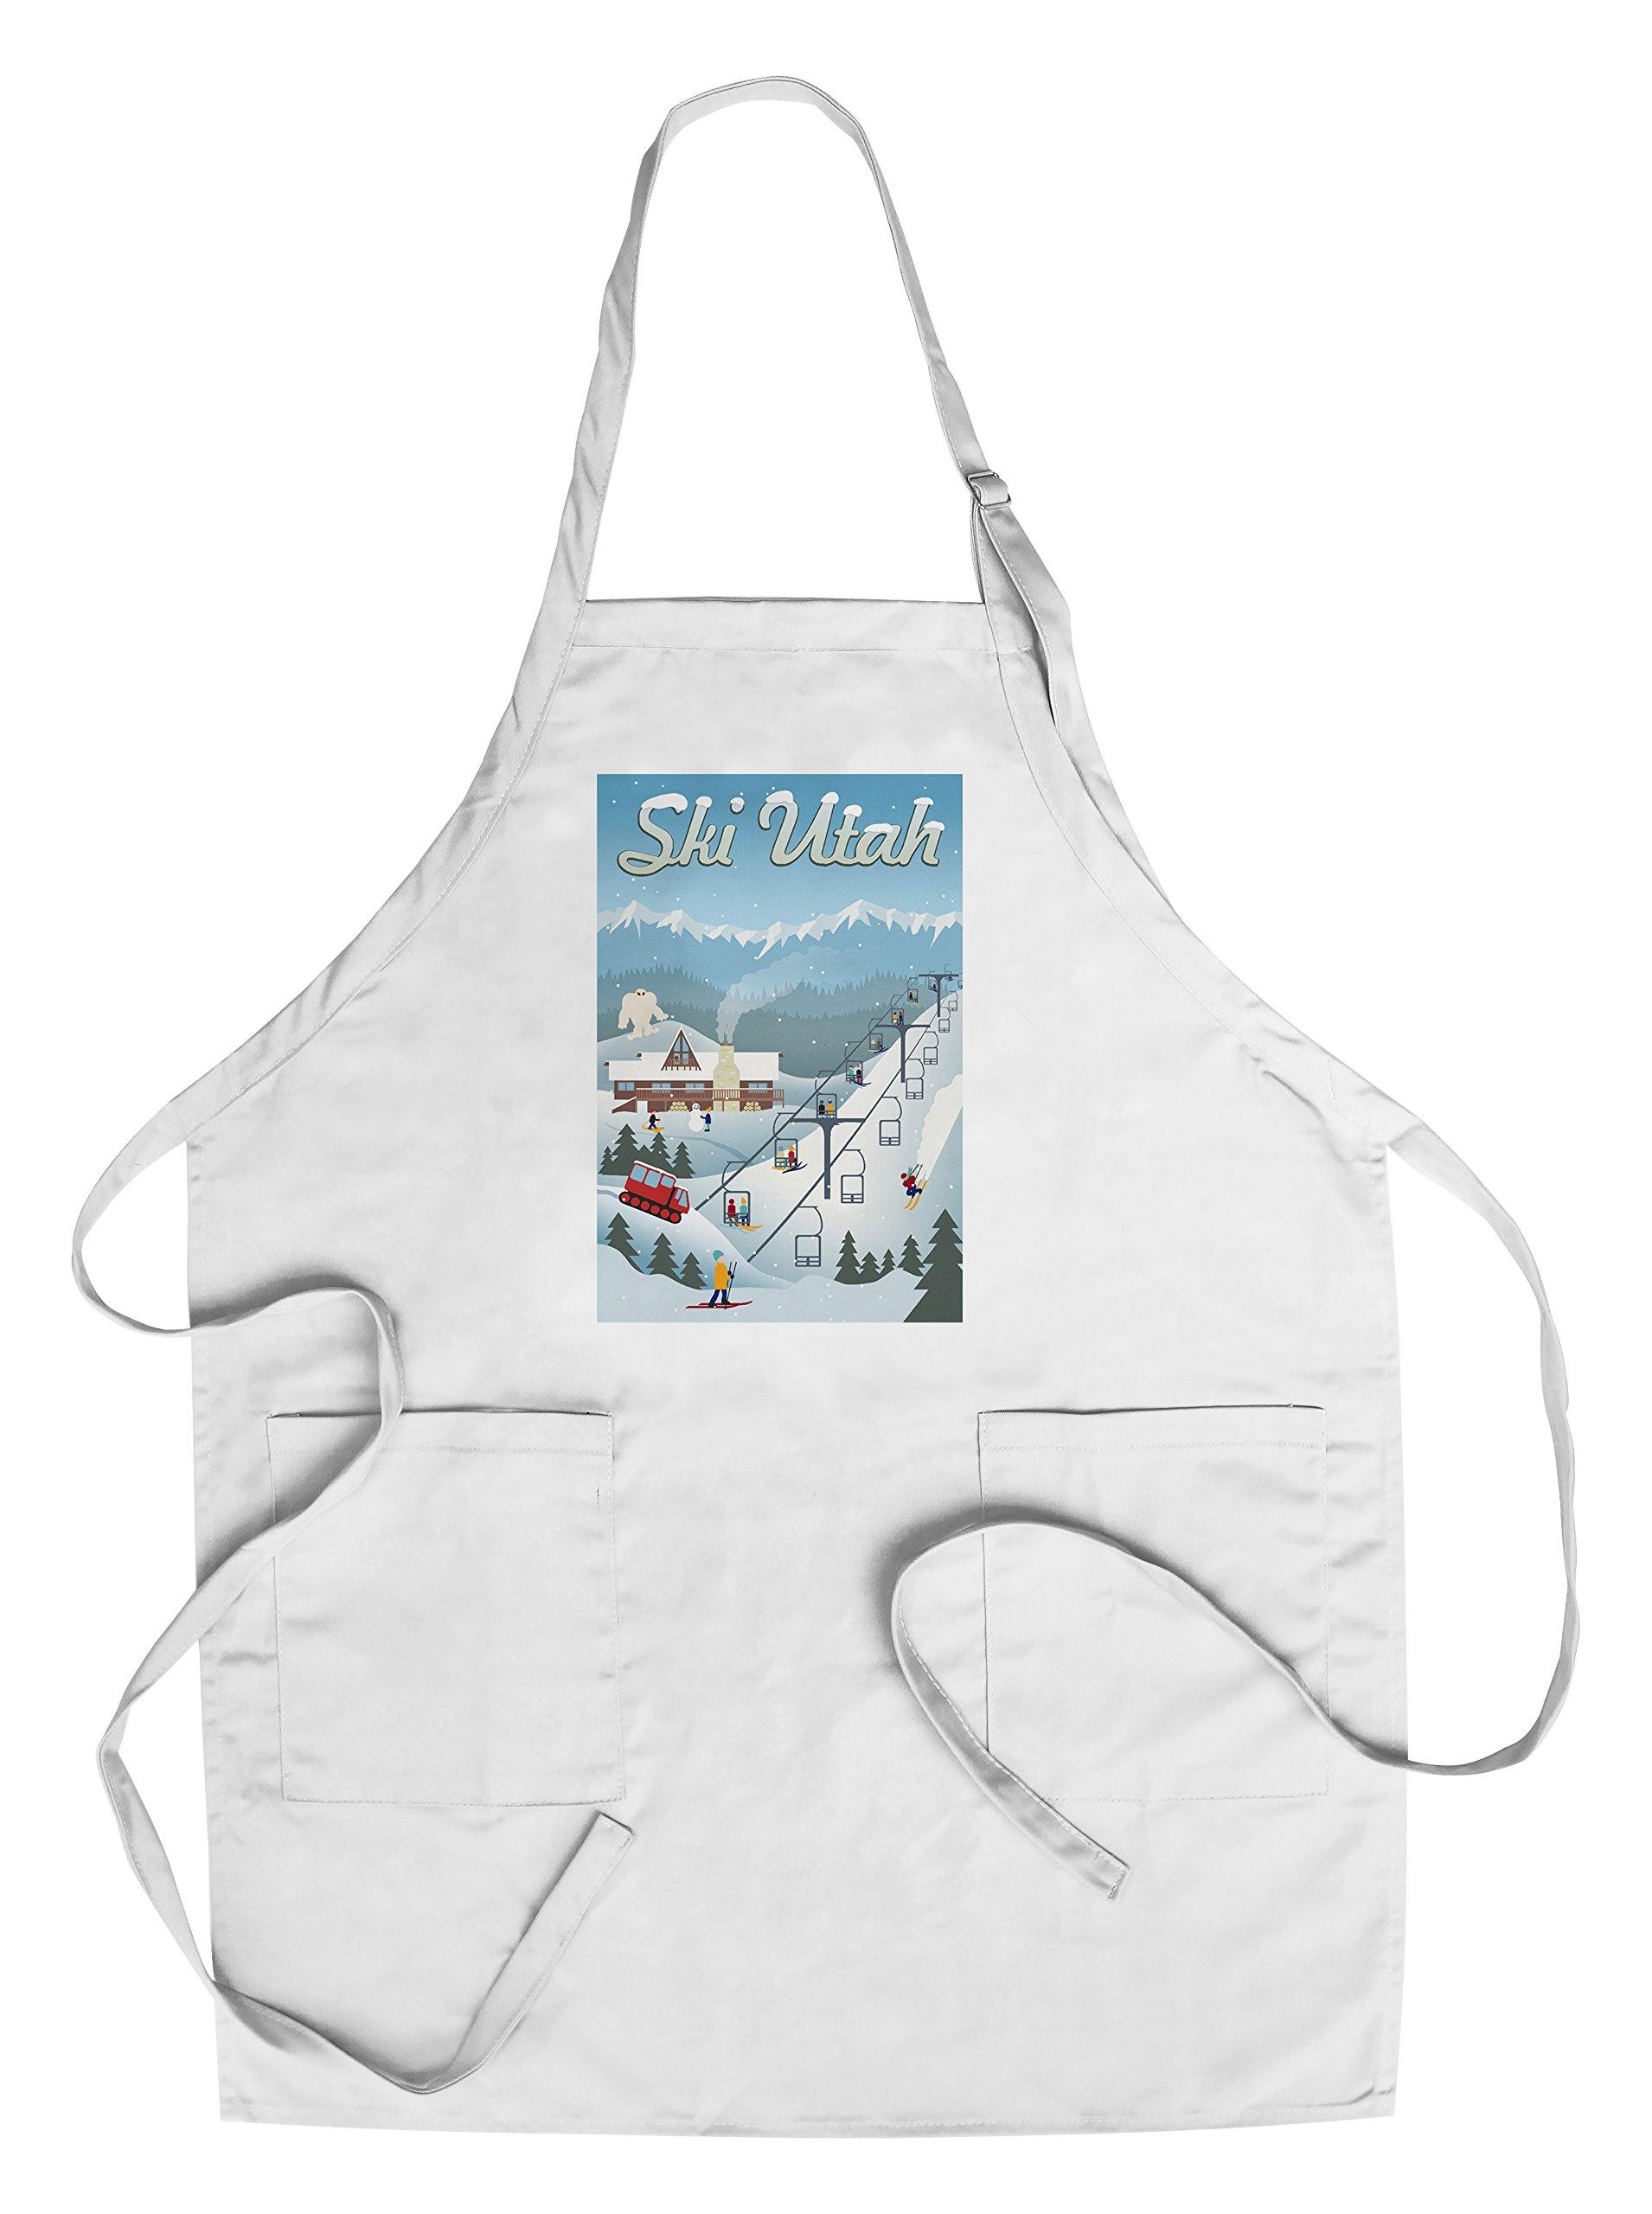 Ski Utah - Retro Ski Resort (Cotton/Polyester Chef's Apron)